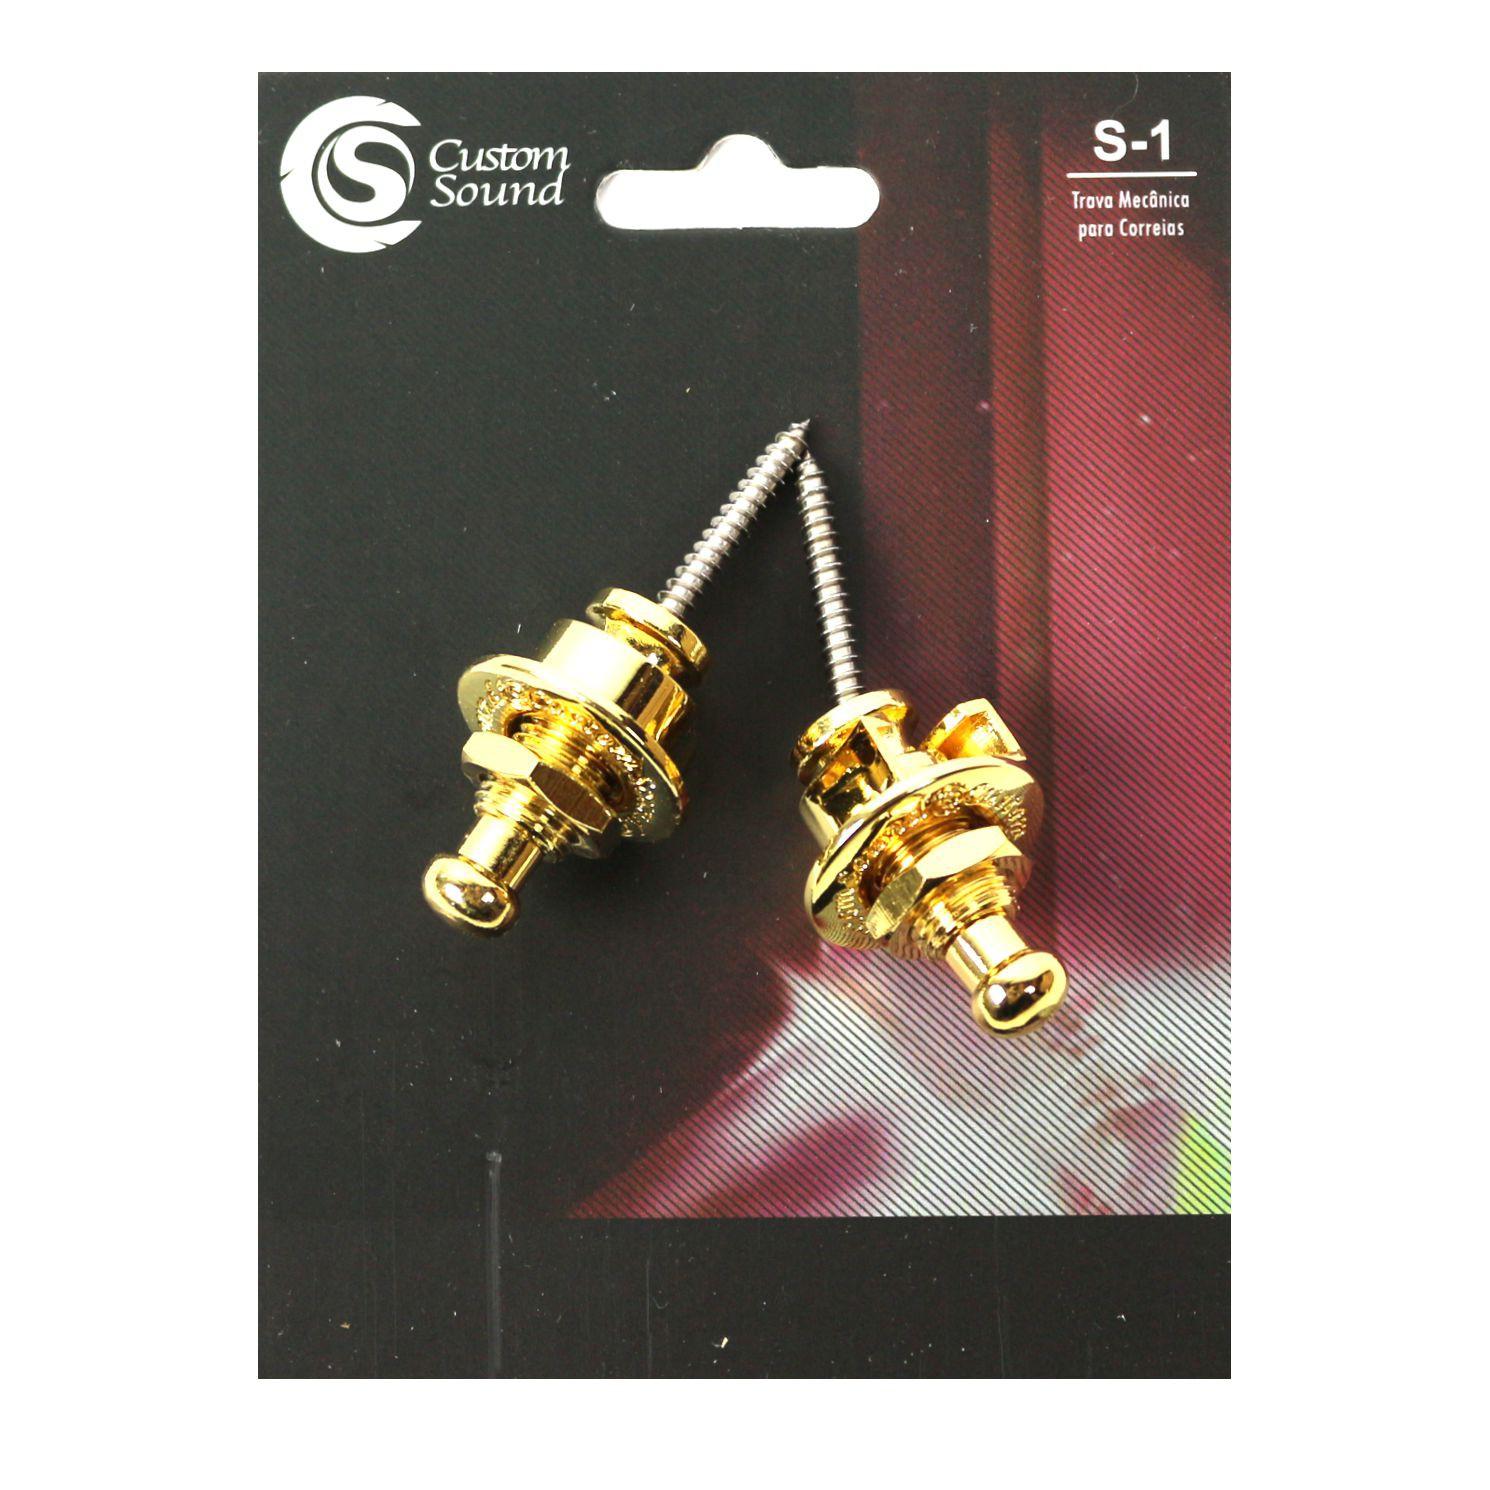 Strap LOCK Dourado para Guitarra Violão Baixo - Trava Mecanica para Correias - S-1 da Custom Sound - Dourado